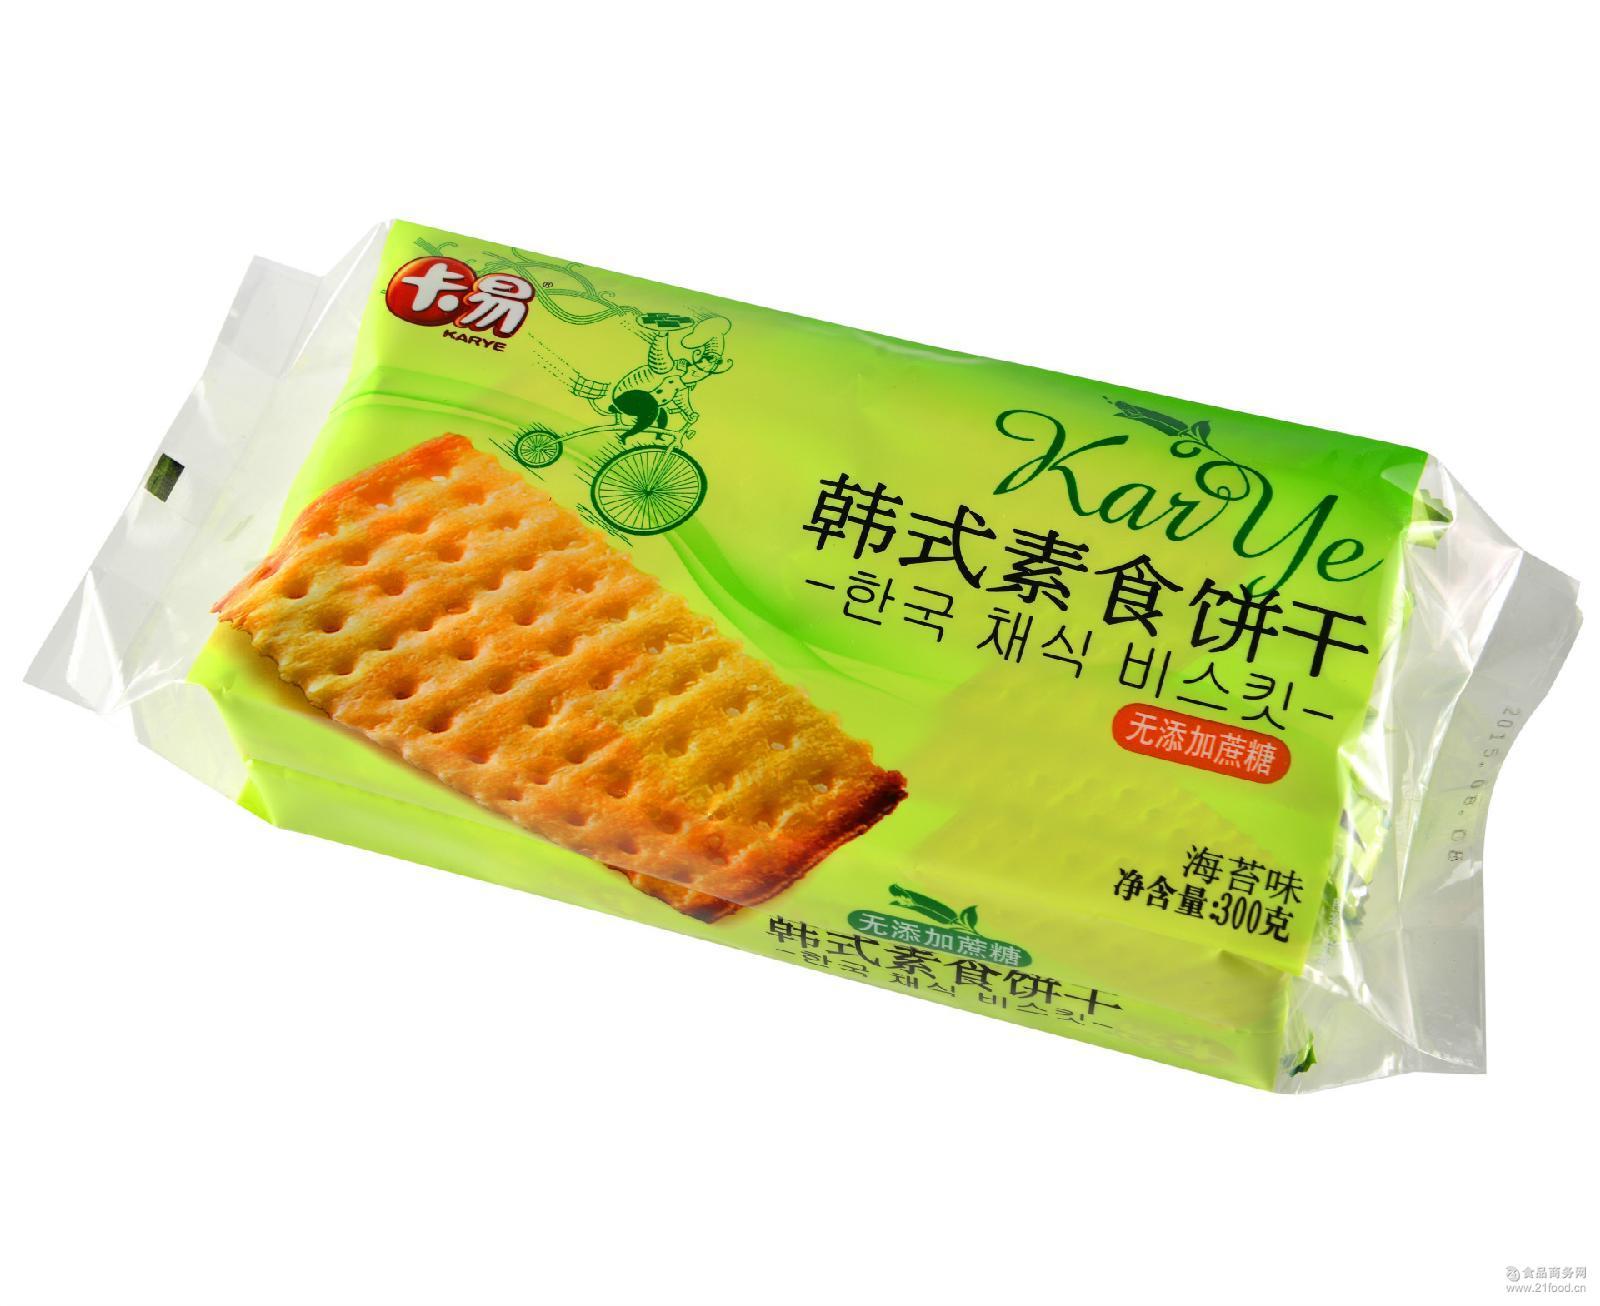 海苔味 上班旅*佳品 卡易韩式苏打素食早餐饼干 不一样的酥性